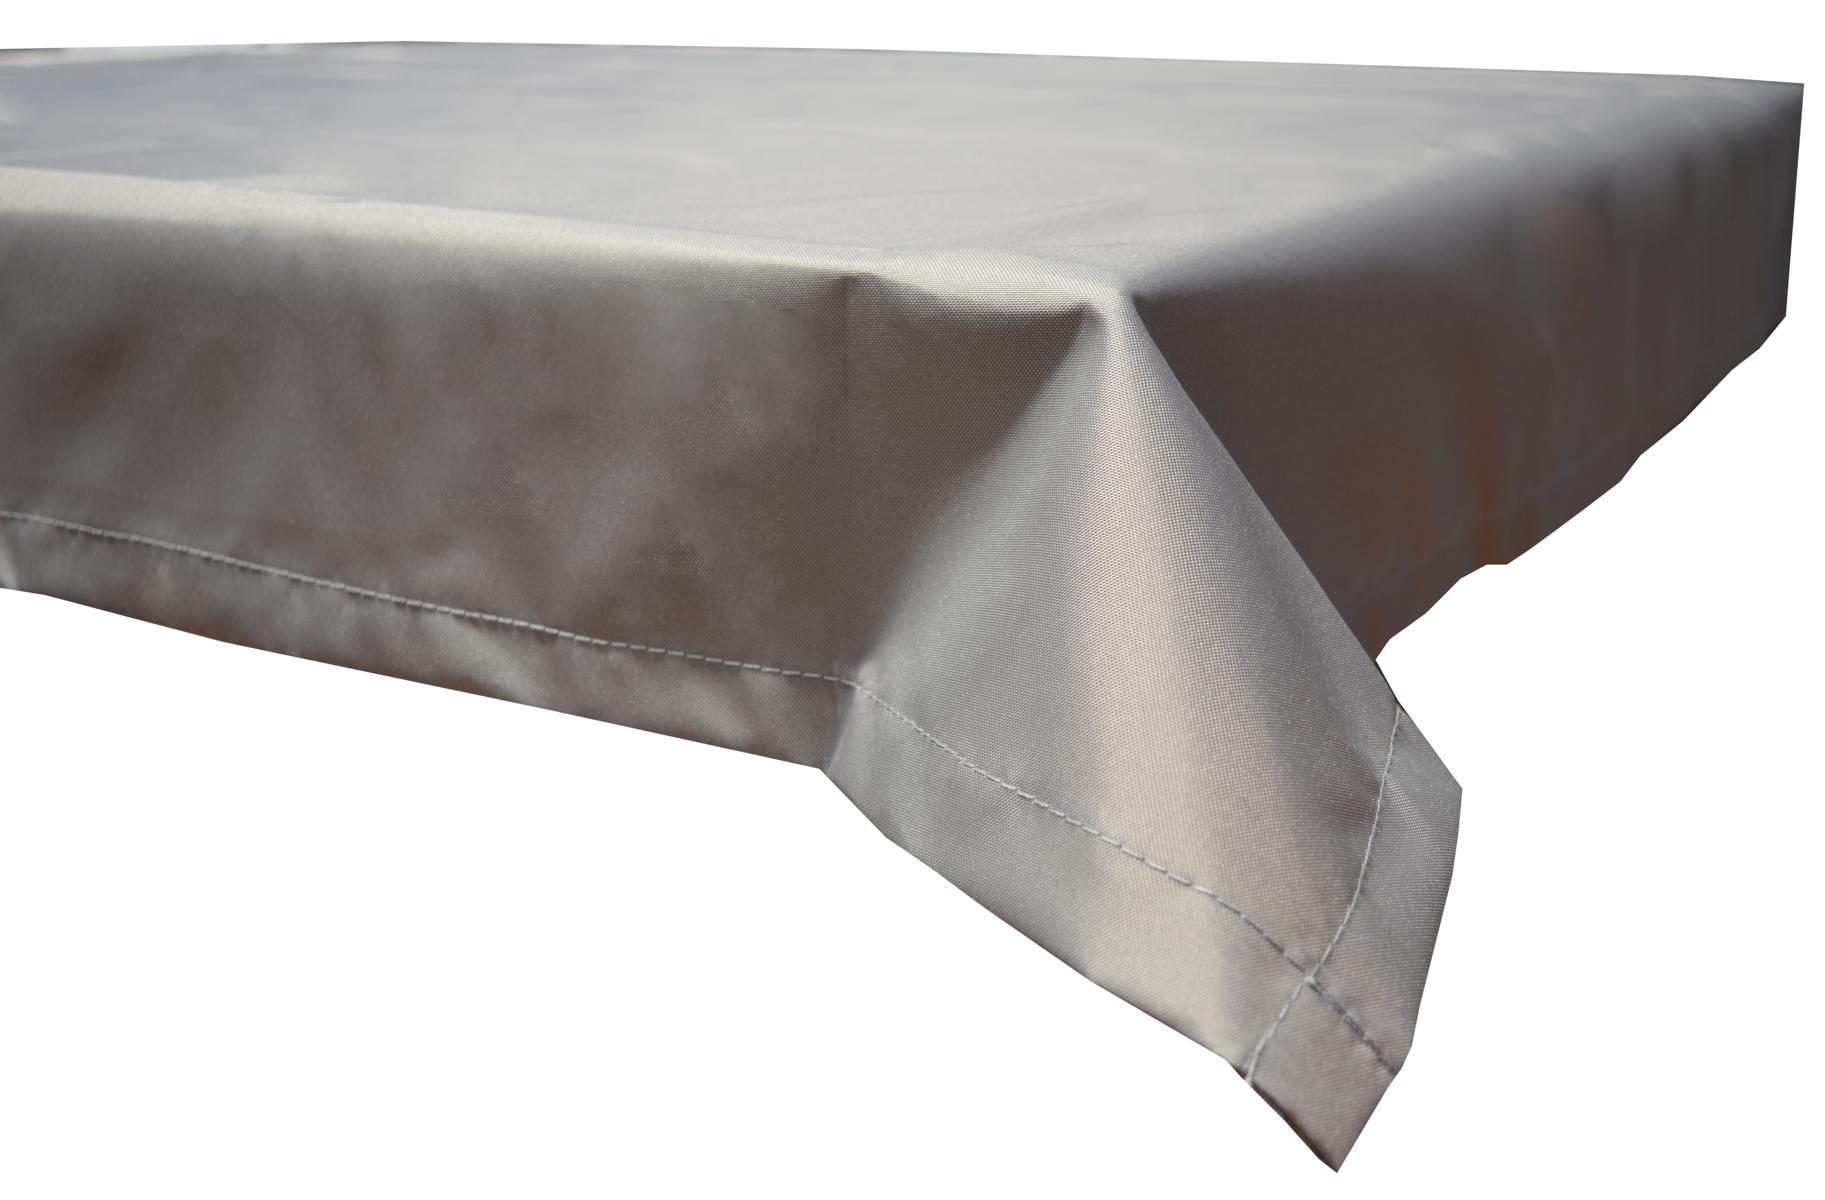 130x180 cm wasserabweisende Tischdecke 100% Polyester in hellgrau